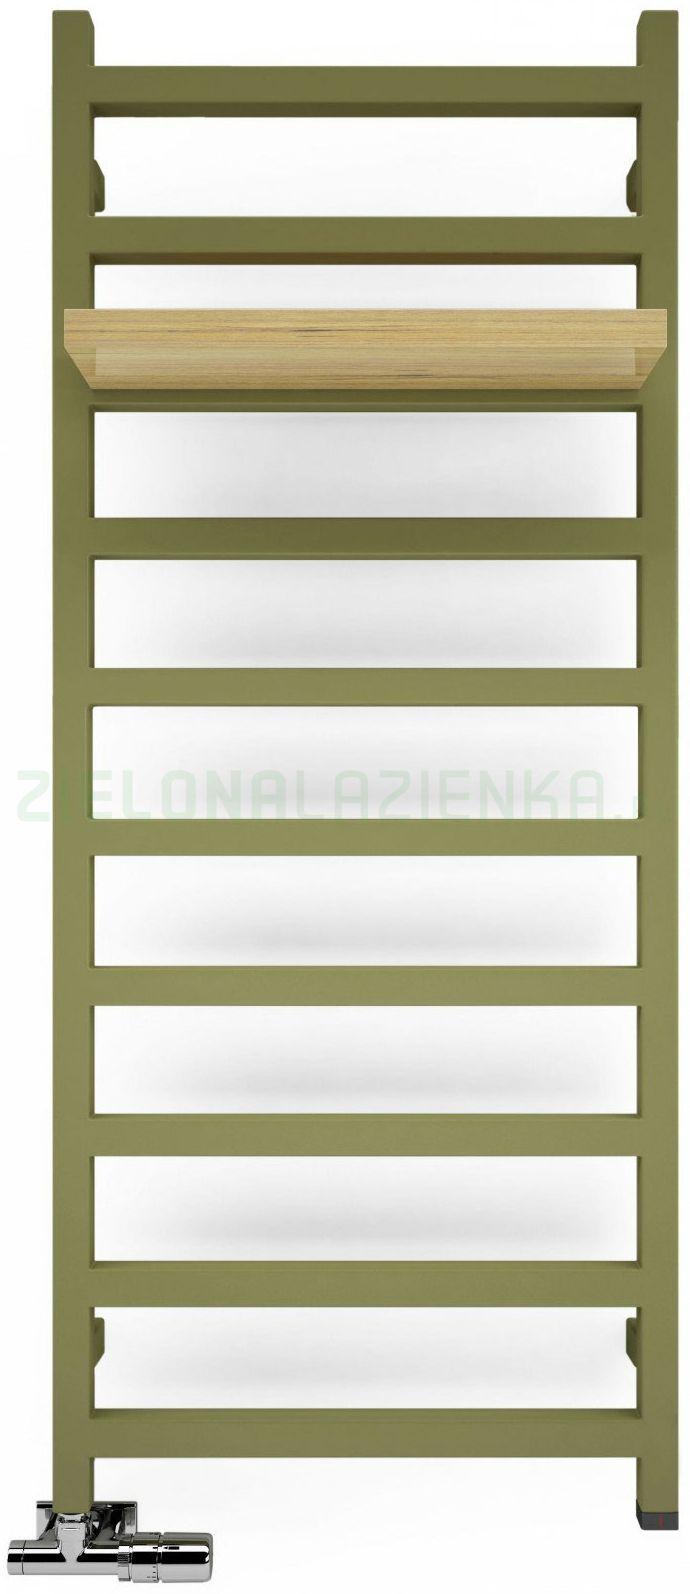 176e569732 Terma Simple WZSIE084050K916S8U grzejnik łazienkowy 50x84 cm -  Zielonalazienka.pl